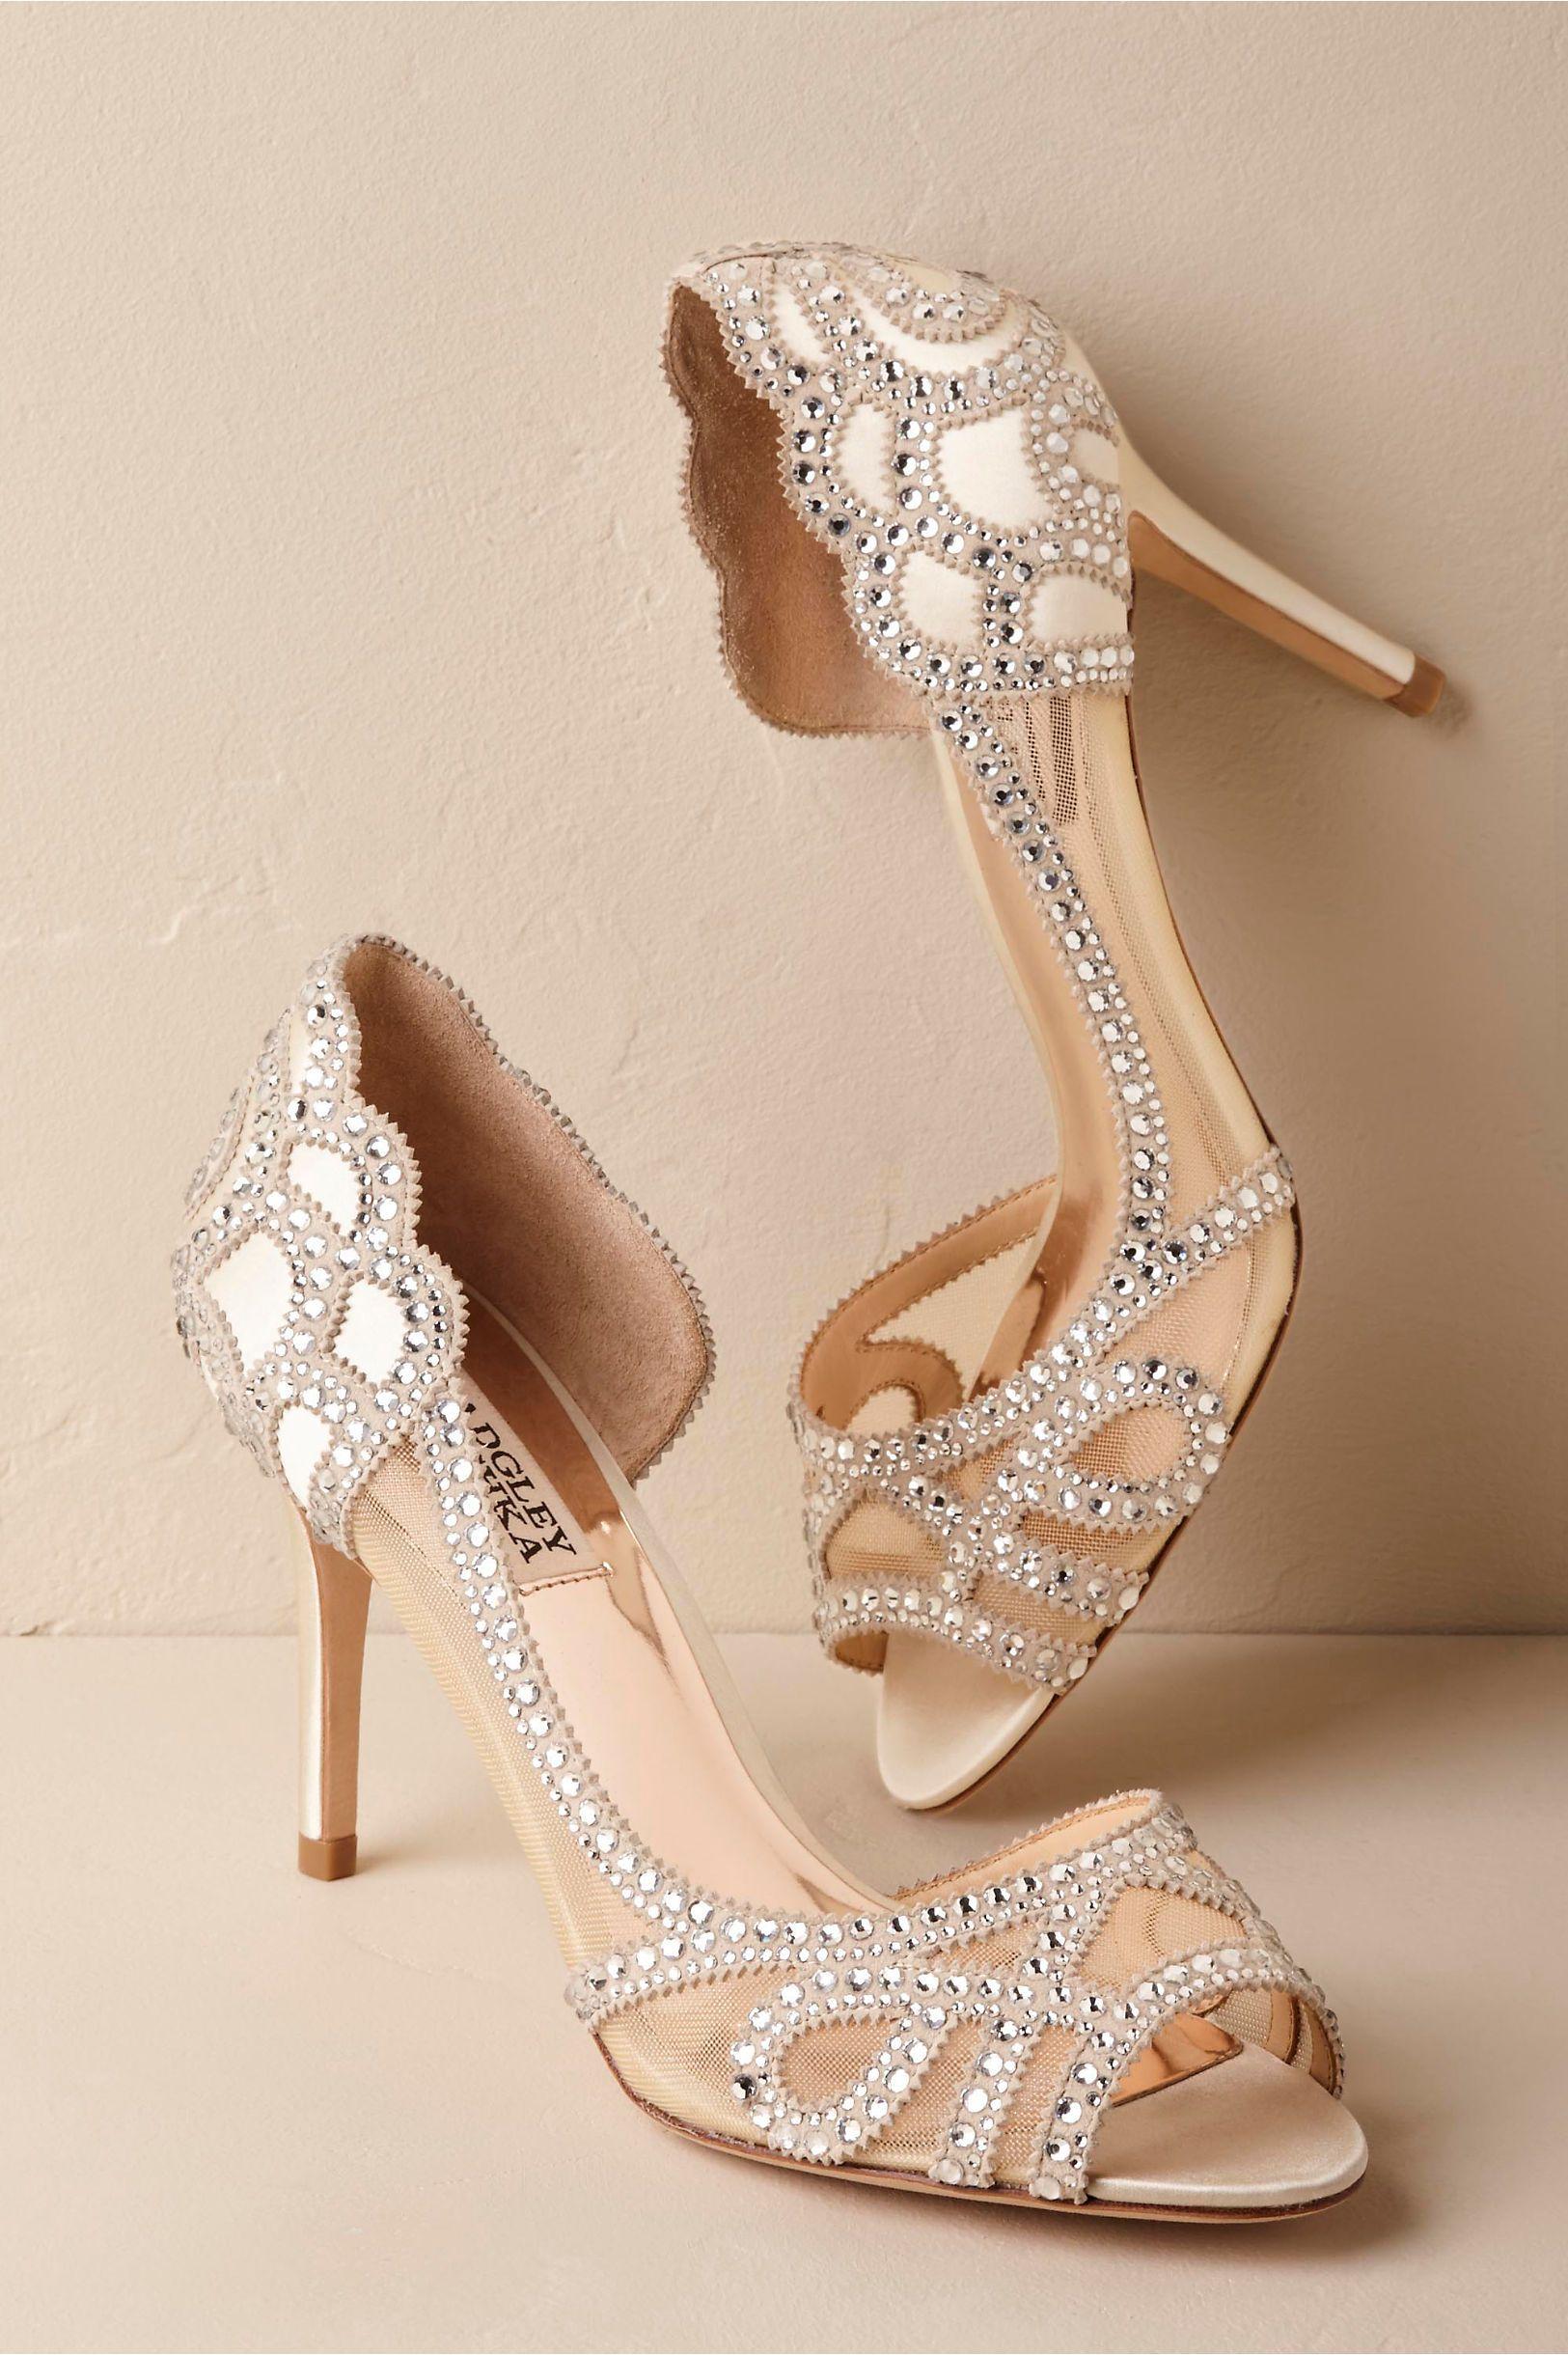 7b870c113f59 BHLDN s Badgley Mischka Badgley Mischka Marla Peep-Toe Heels in Ivory